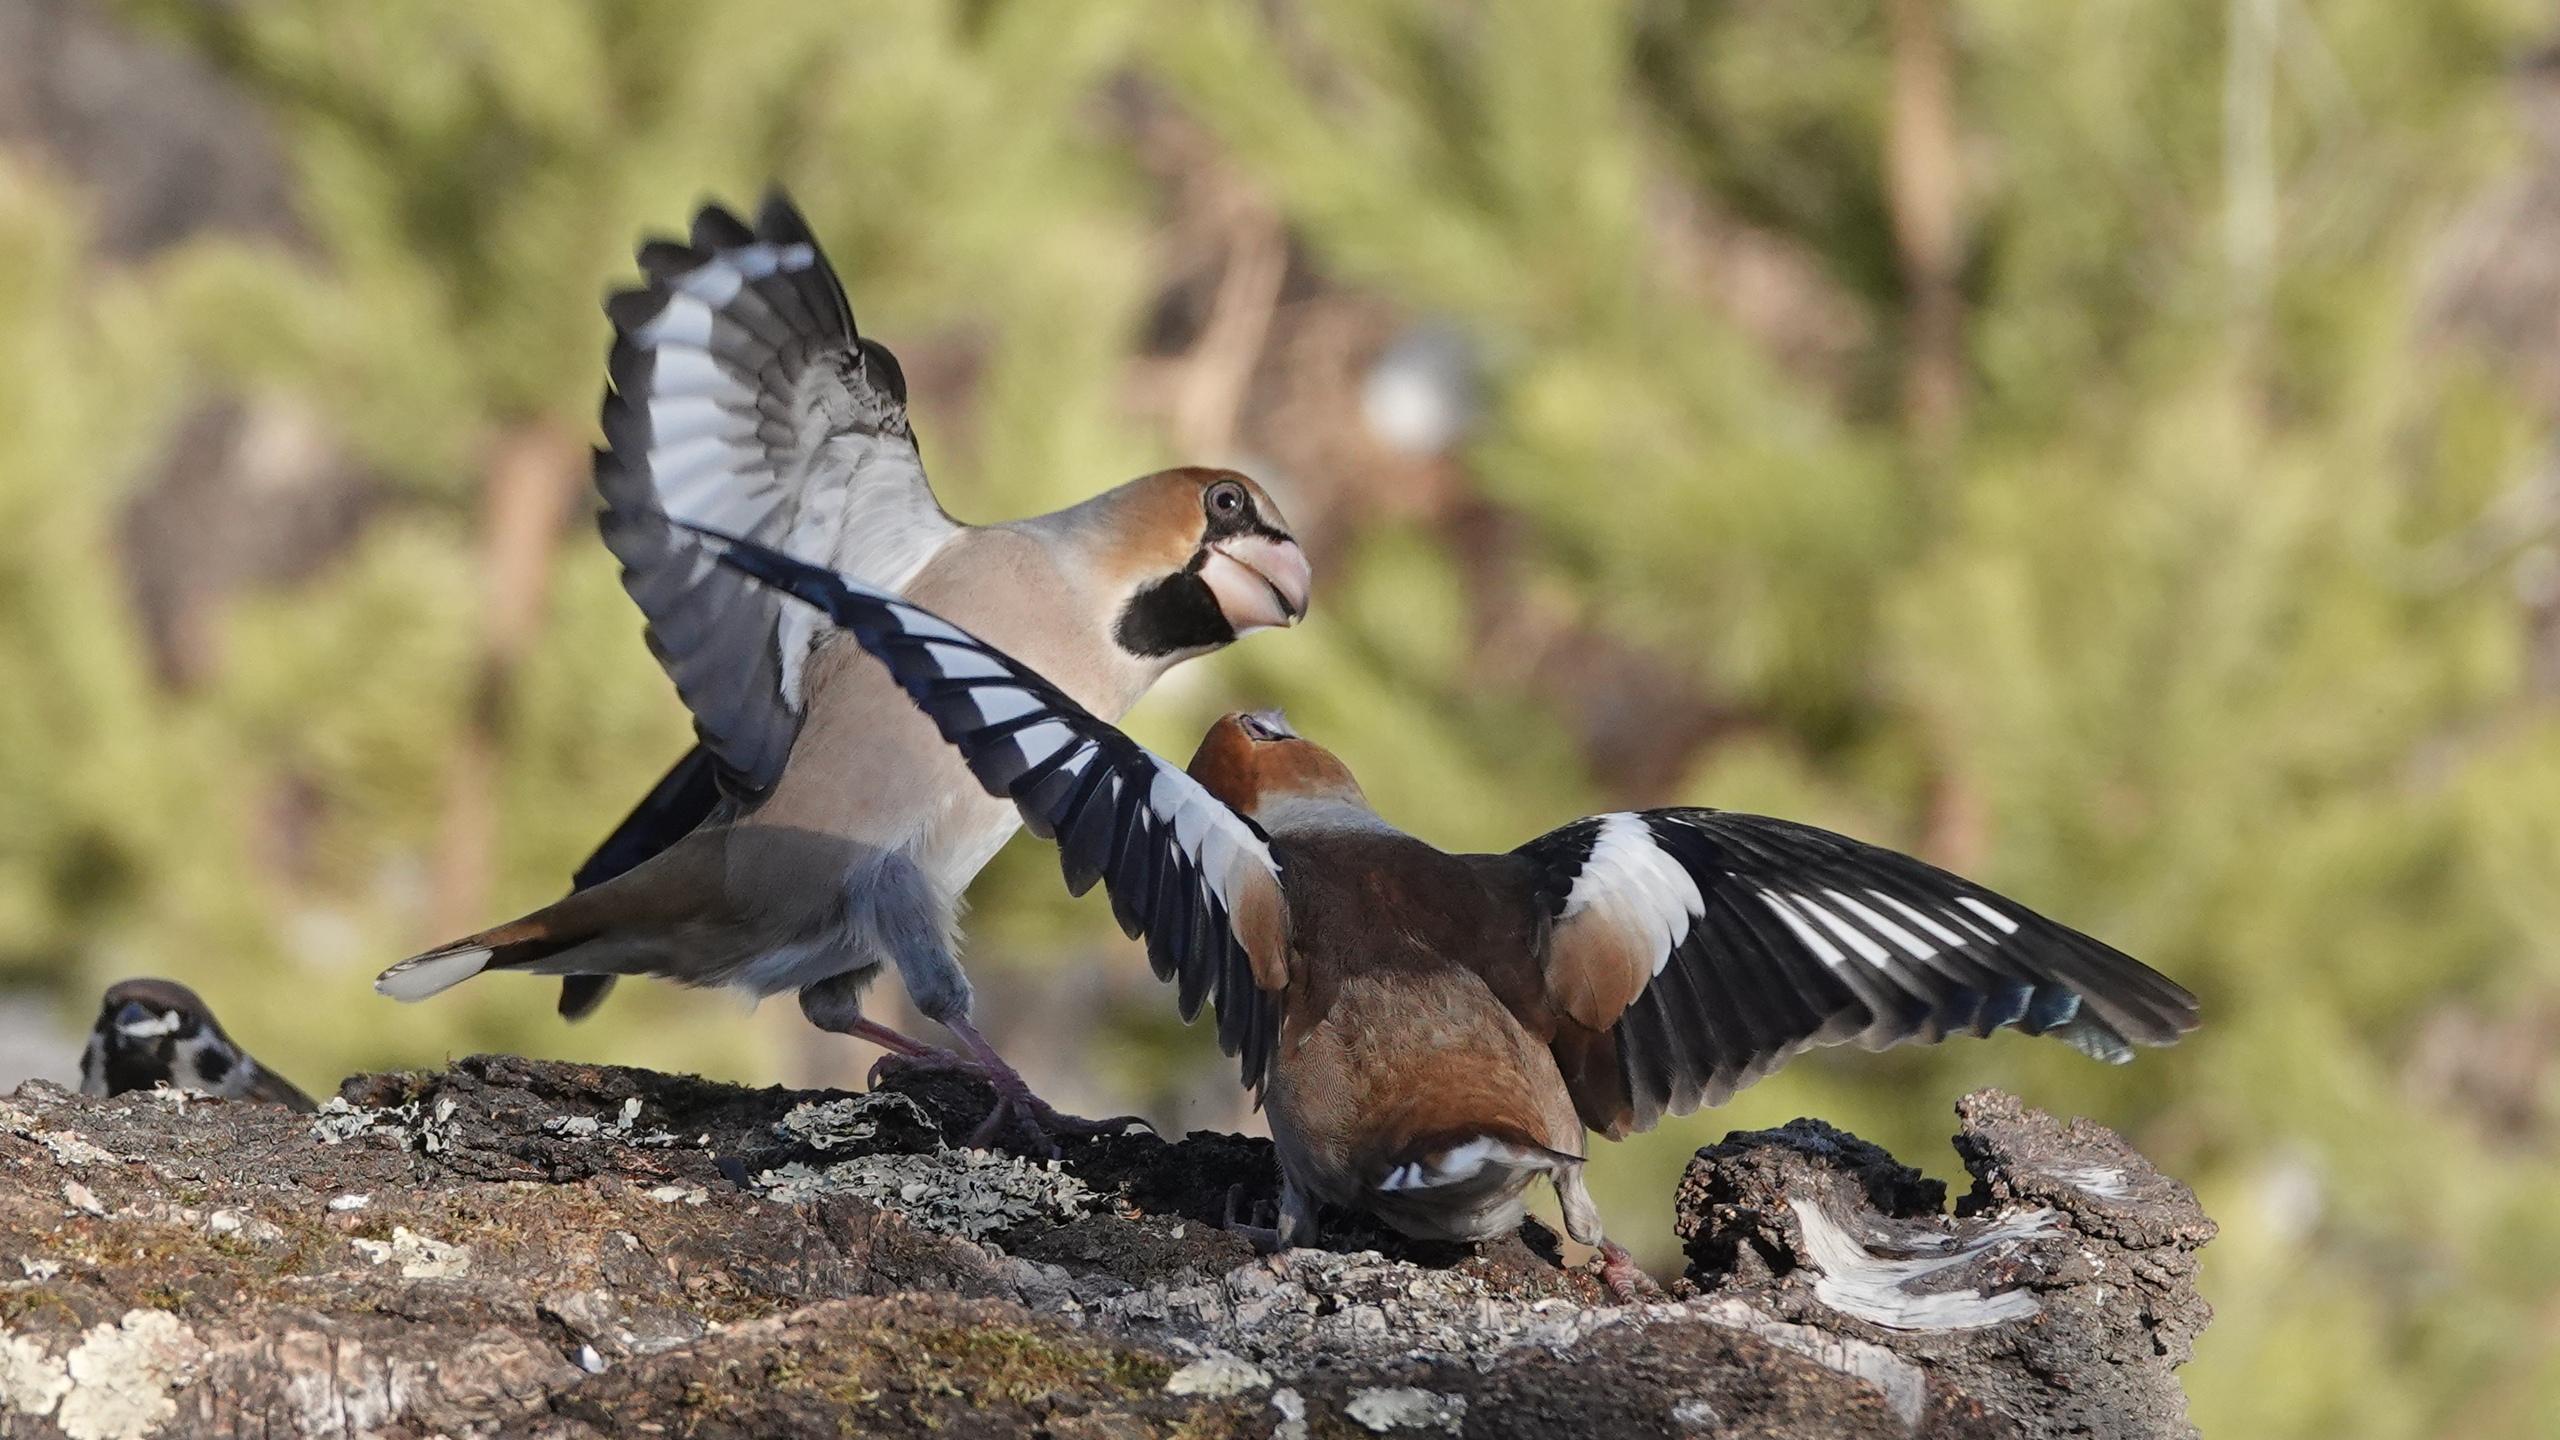 Стальной клюв. На Южном Урале сфотографировали удивительных птиц